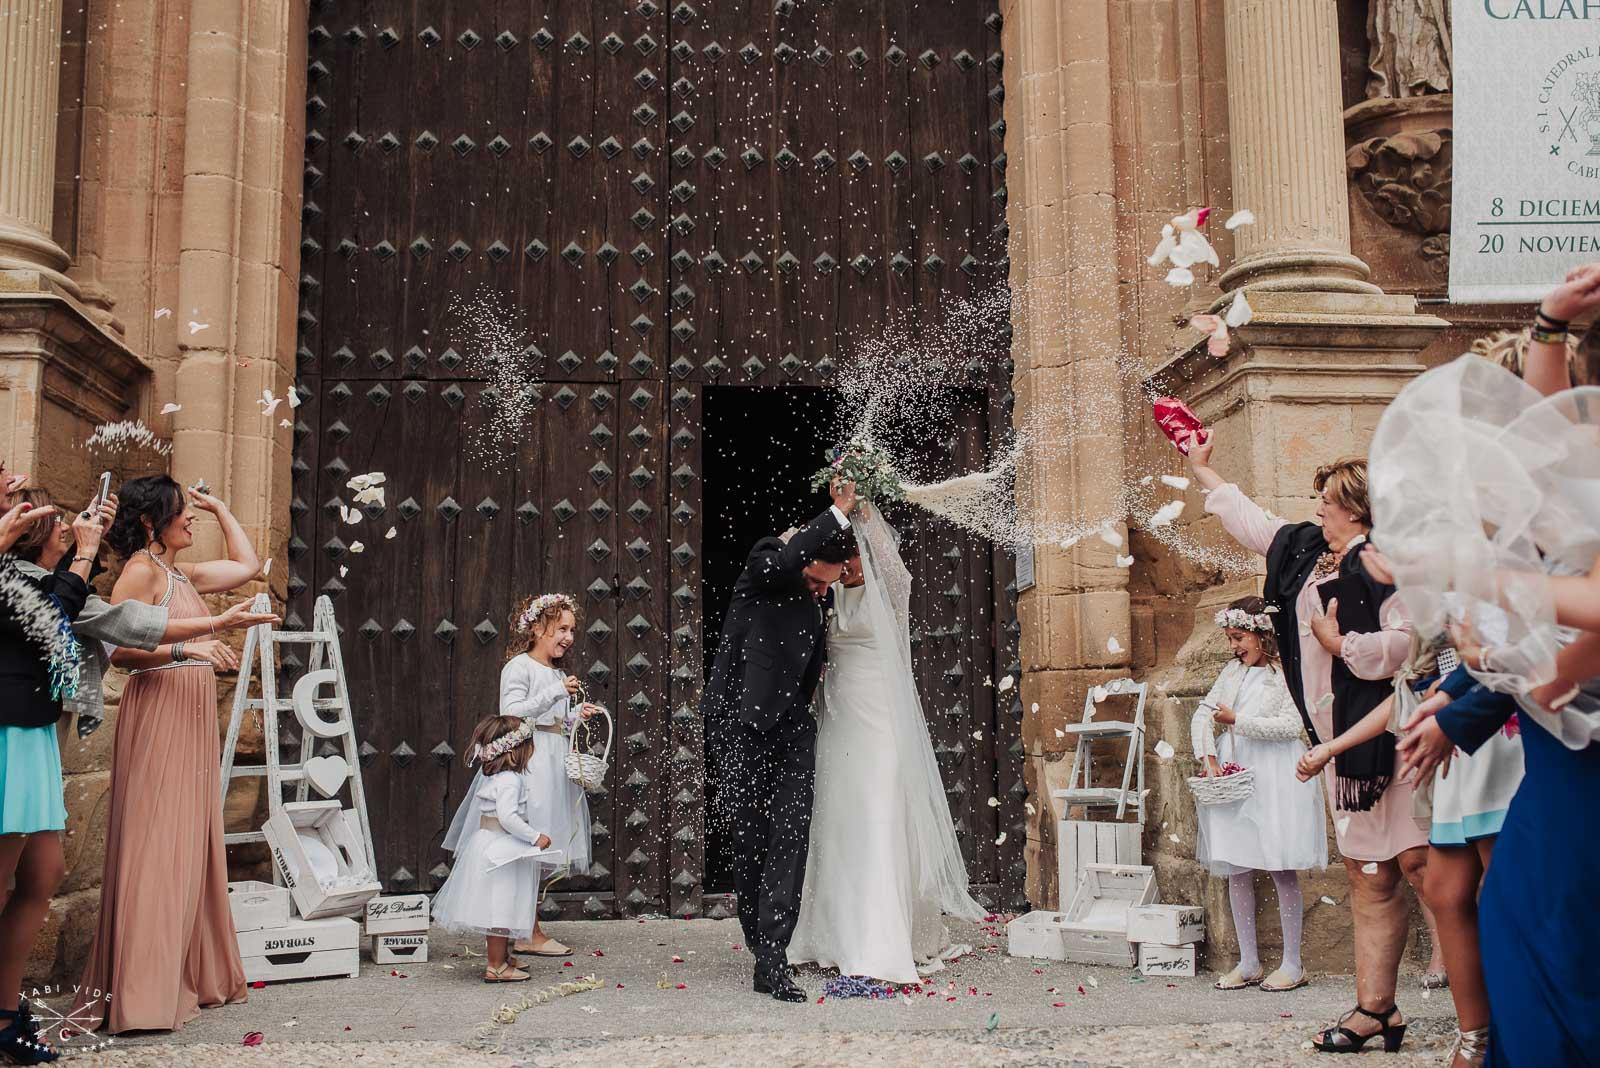 fotógrafo de bodas en calahorra-75